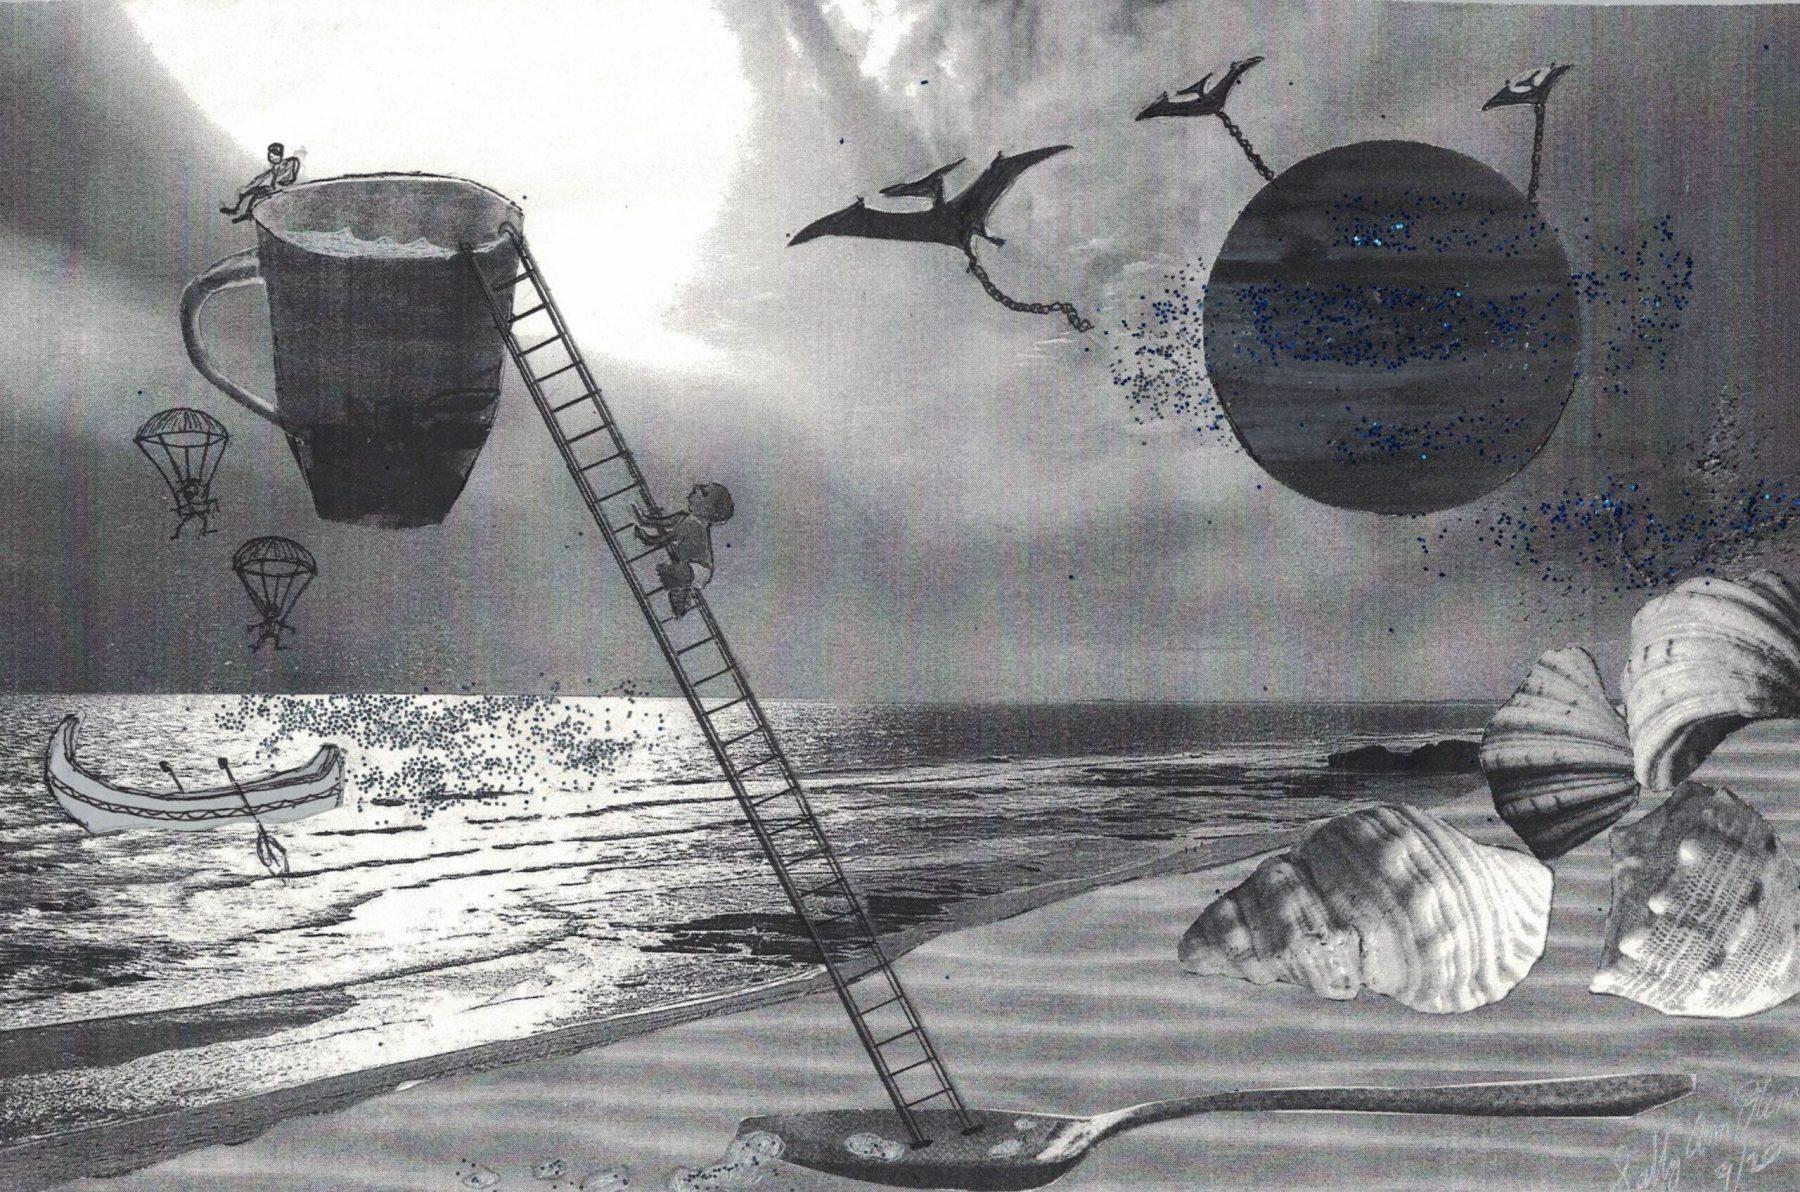 Sally Ann Glenn - A View of the Sea